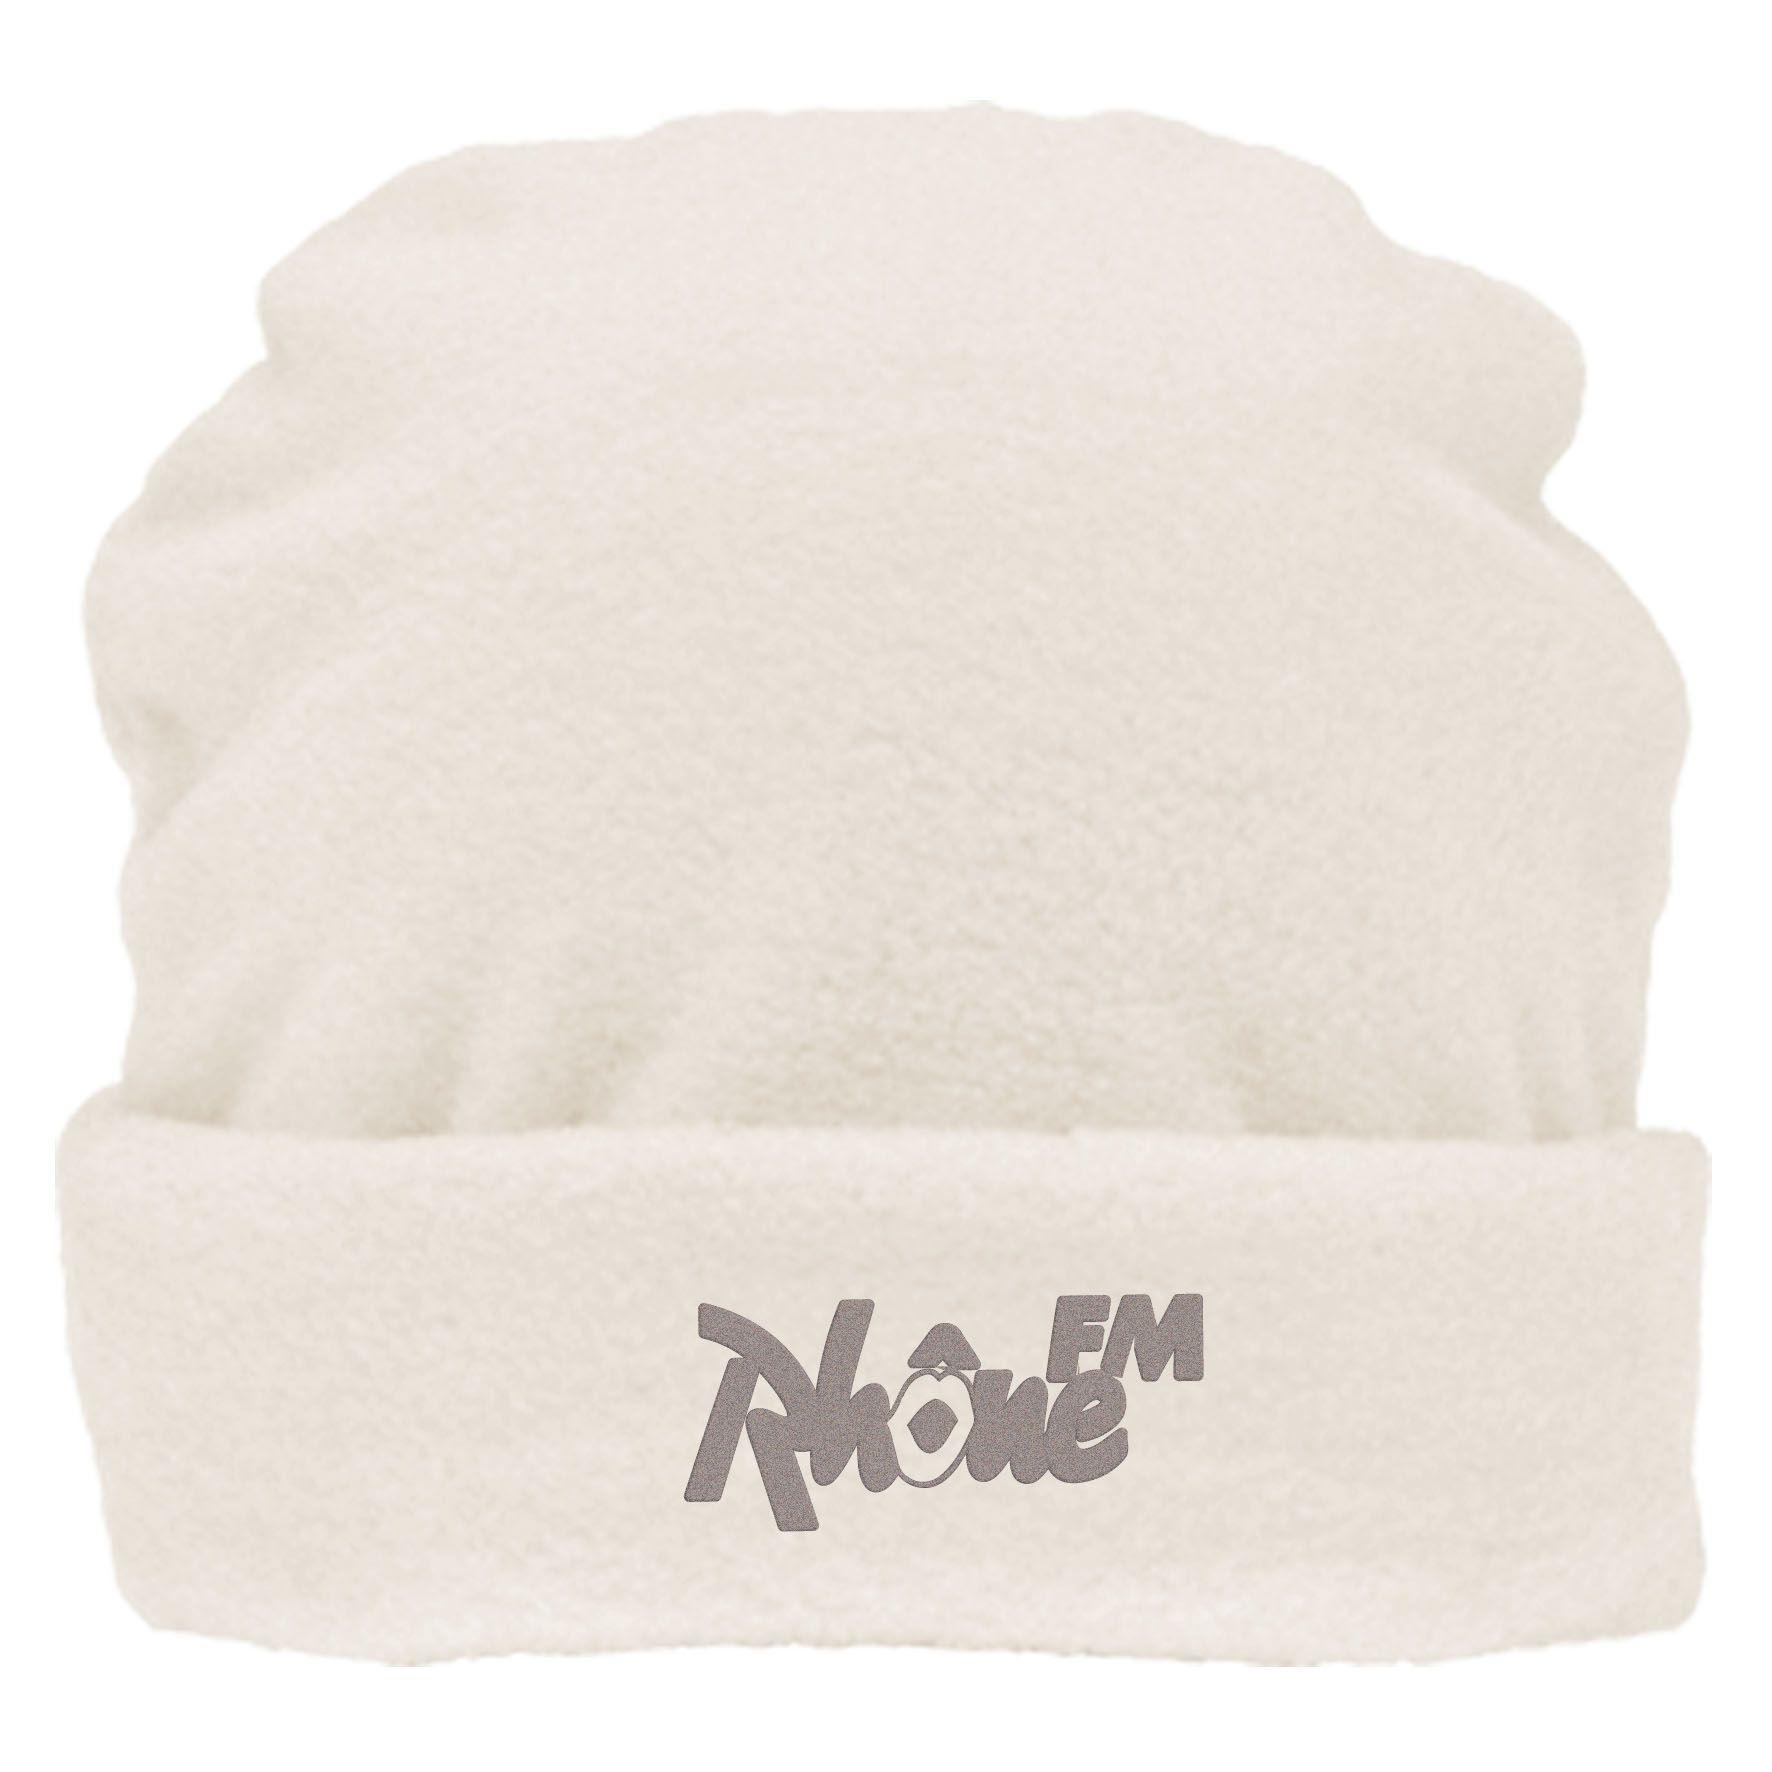 Bonnet publicitaire polaire M - Cadeau promotionel hiver